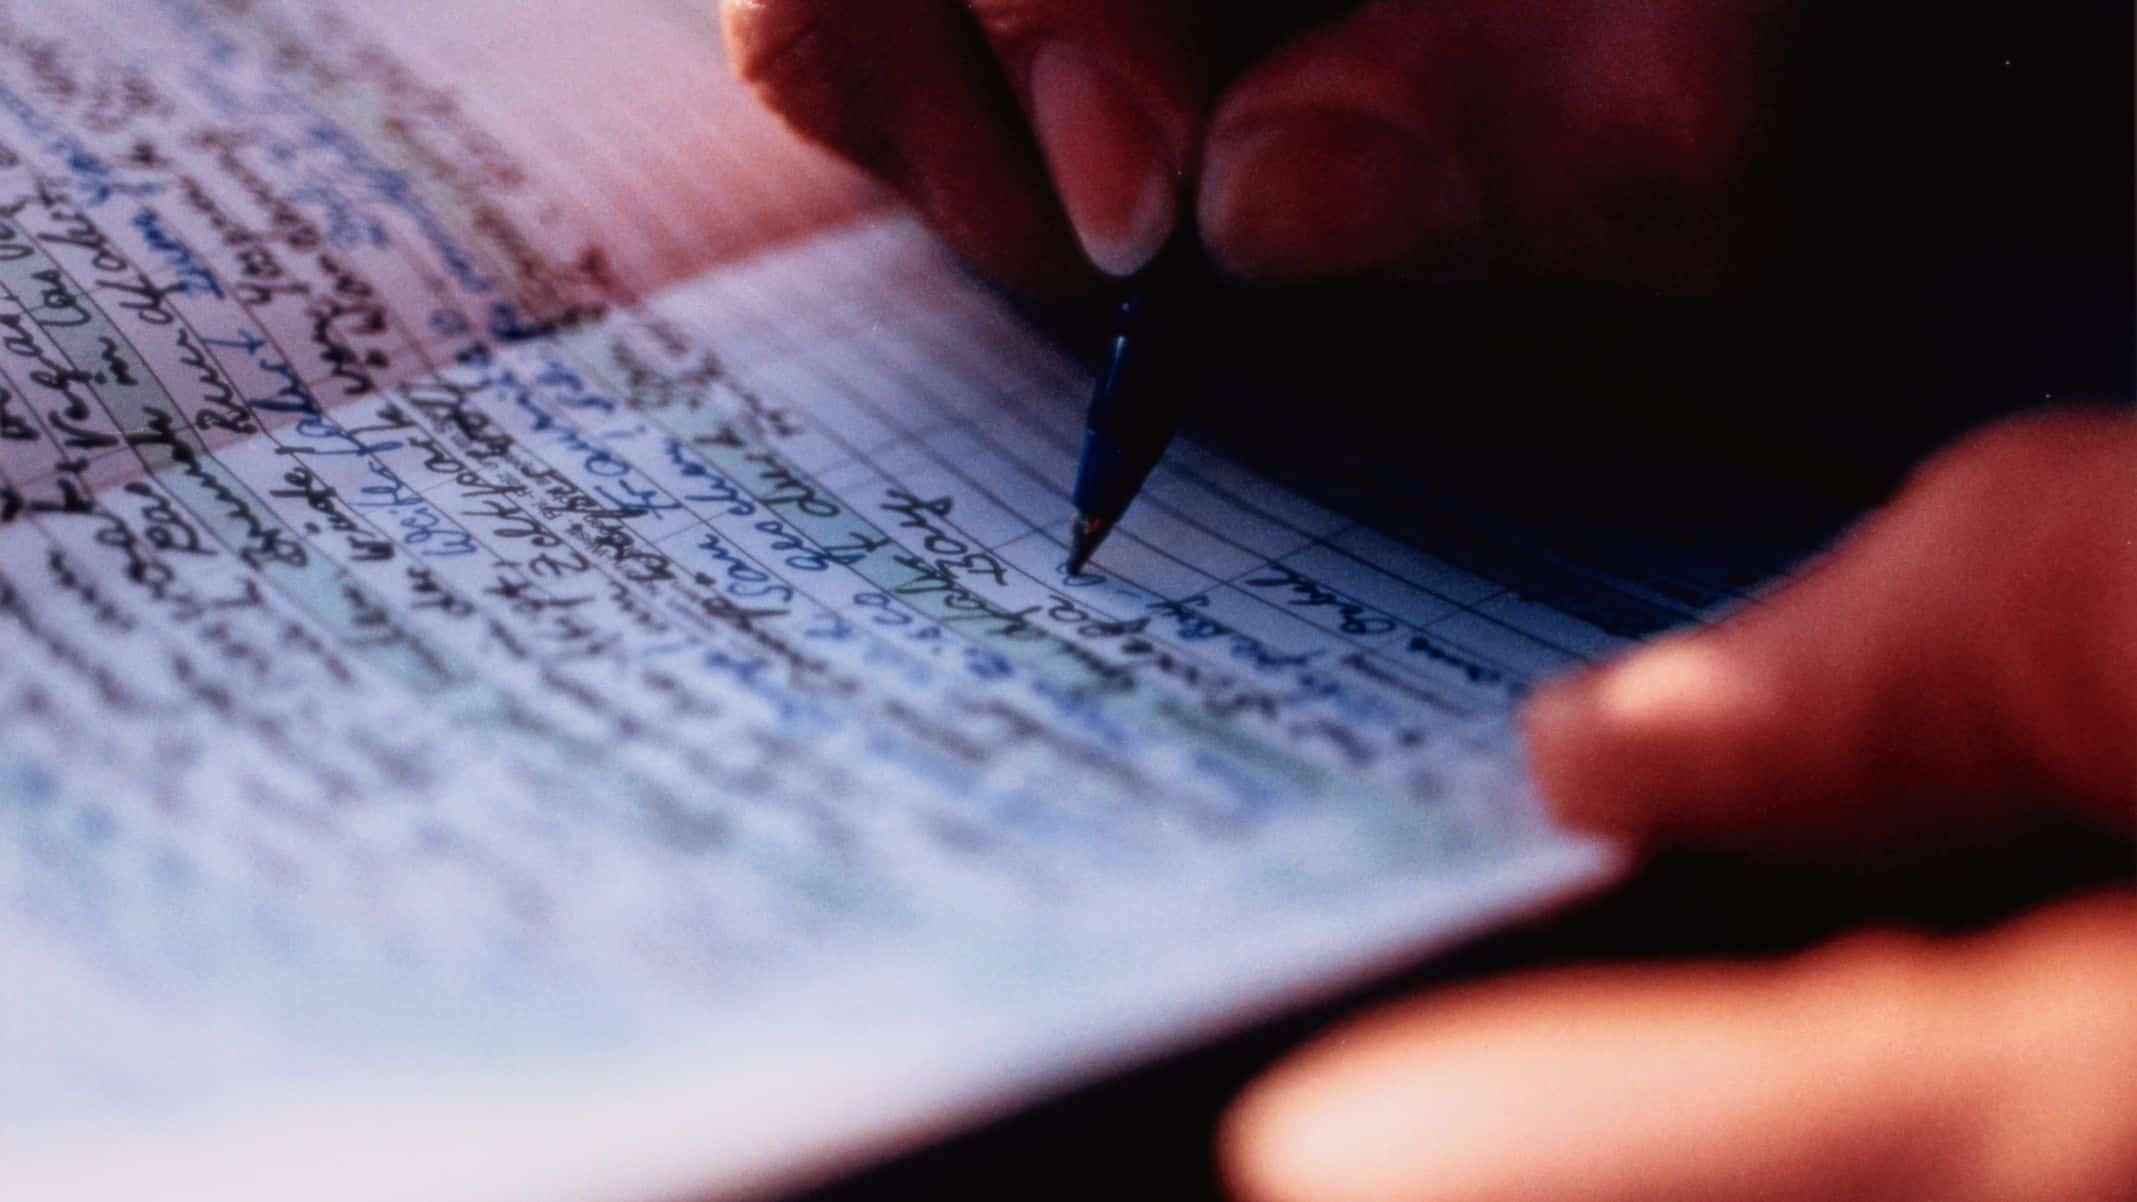 Qu'est-ce que l'écriture automatique ?